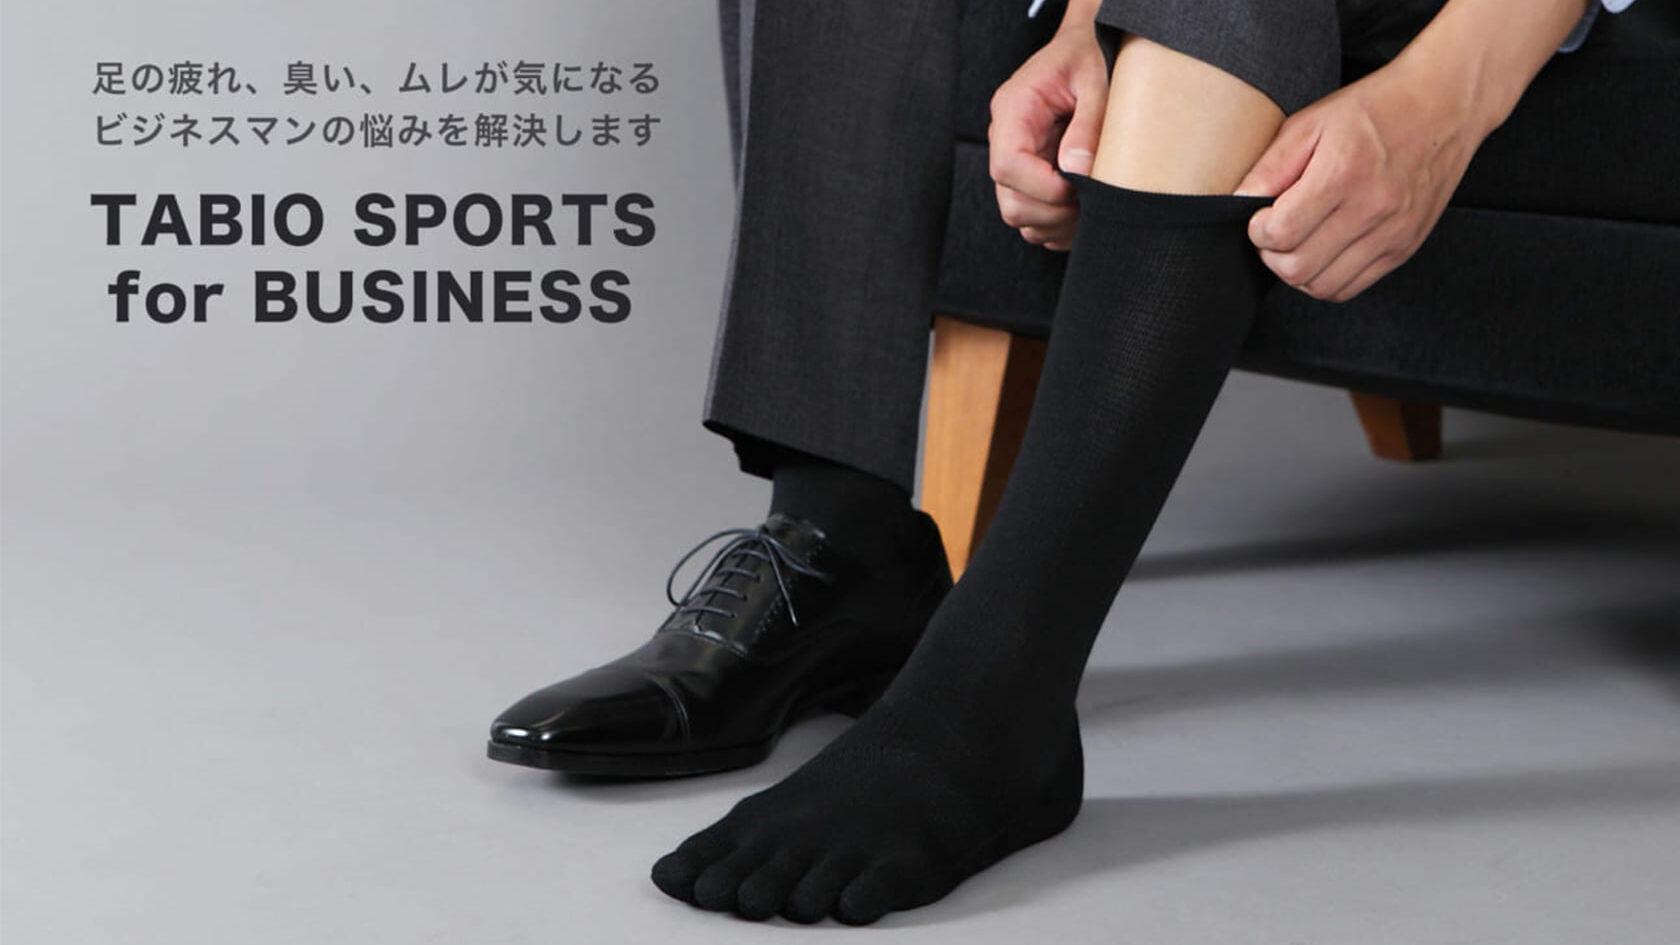 男性が靴下を履いている写真